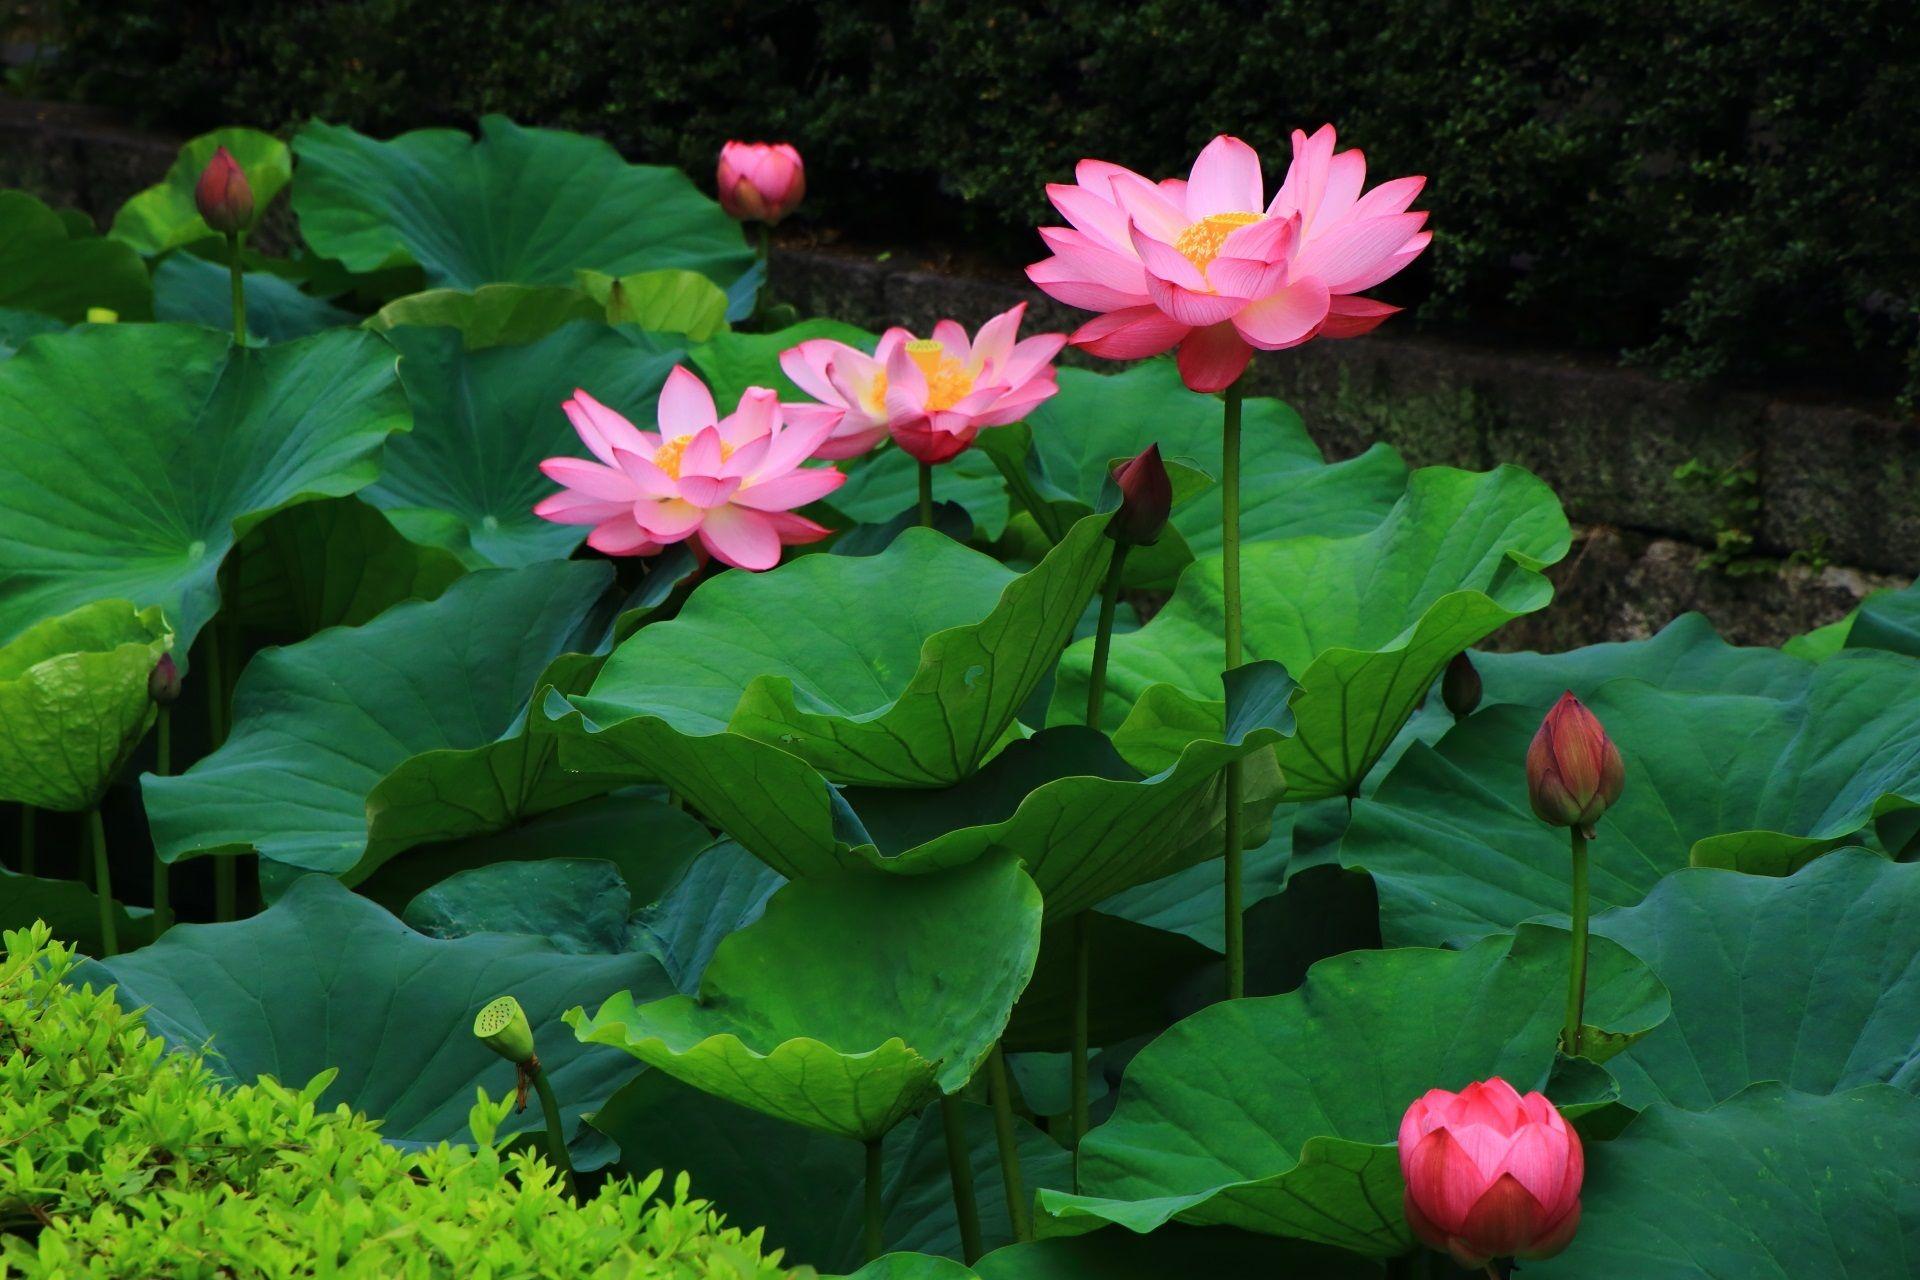 東本願寺の凛と咲くハスの花 ハスの花 蓮の花 スイレン